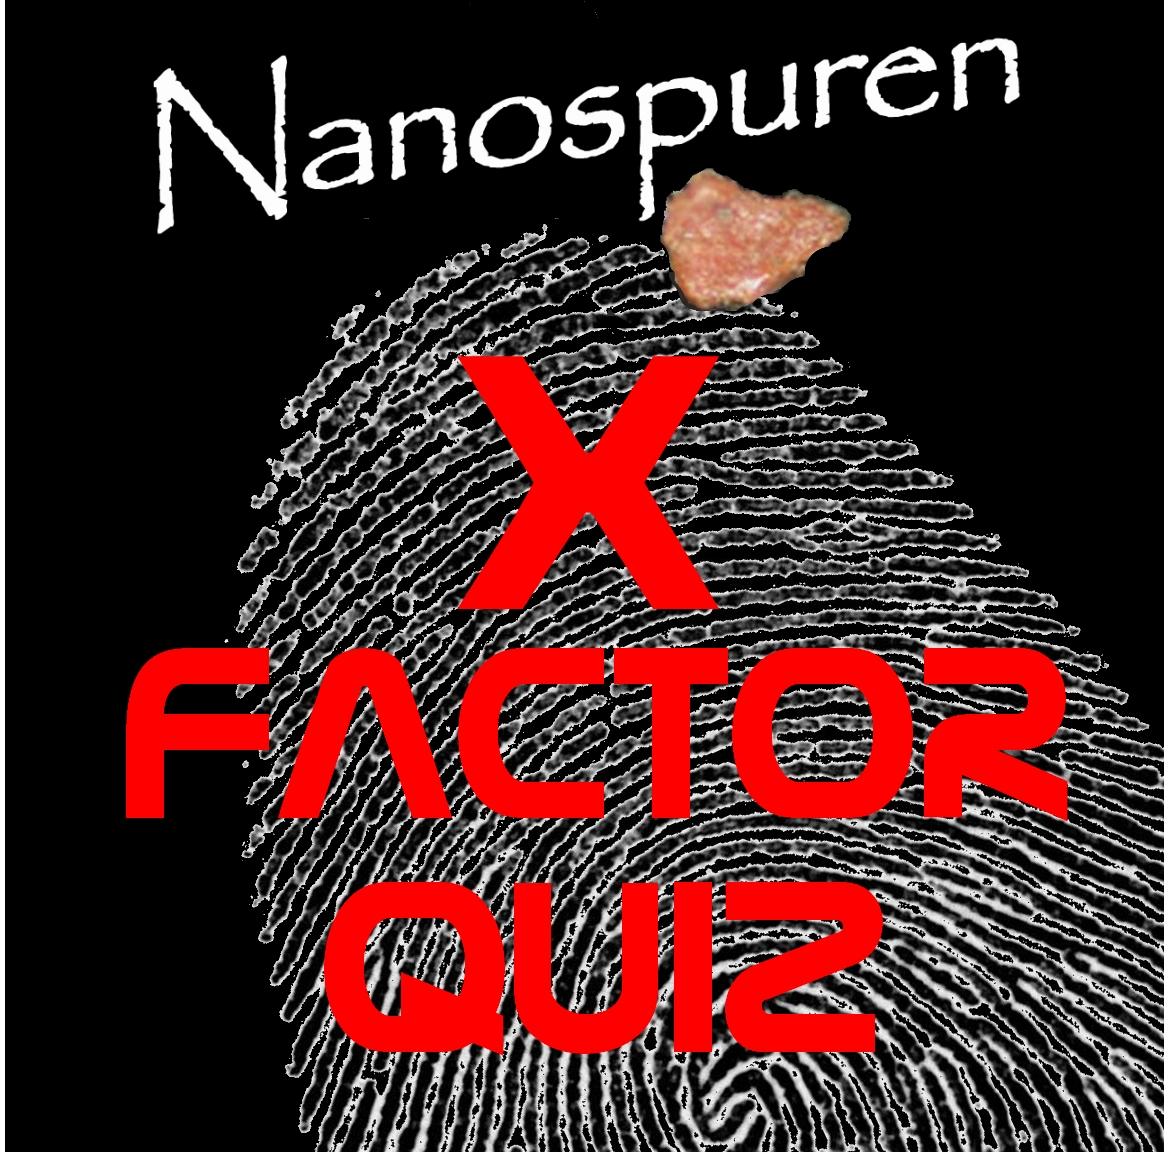 NanospurenQuiz